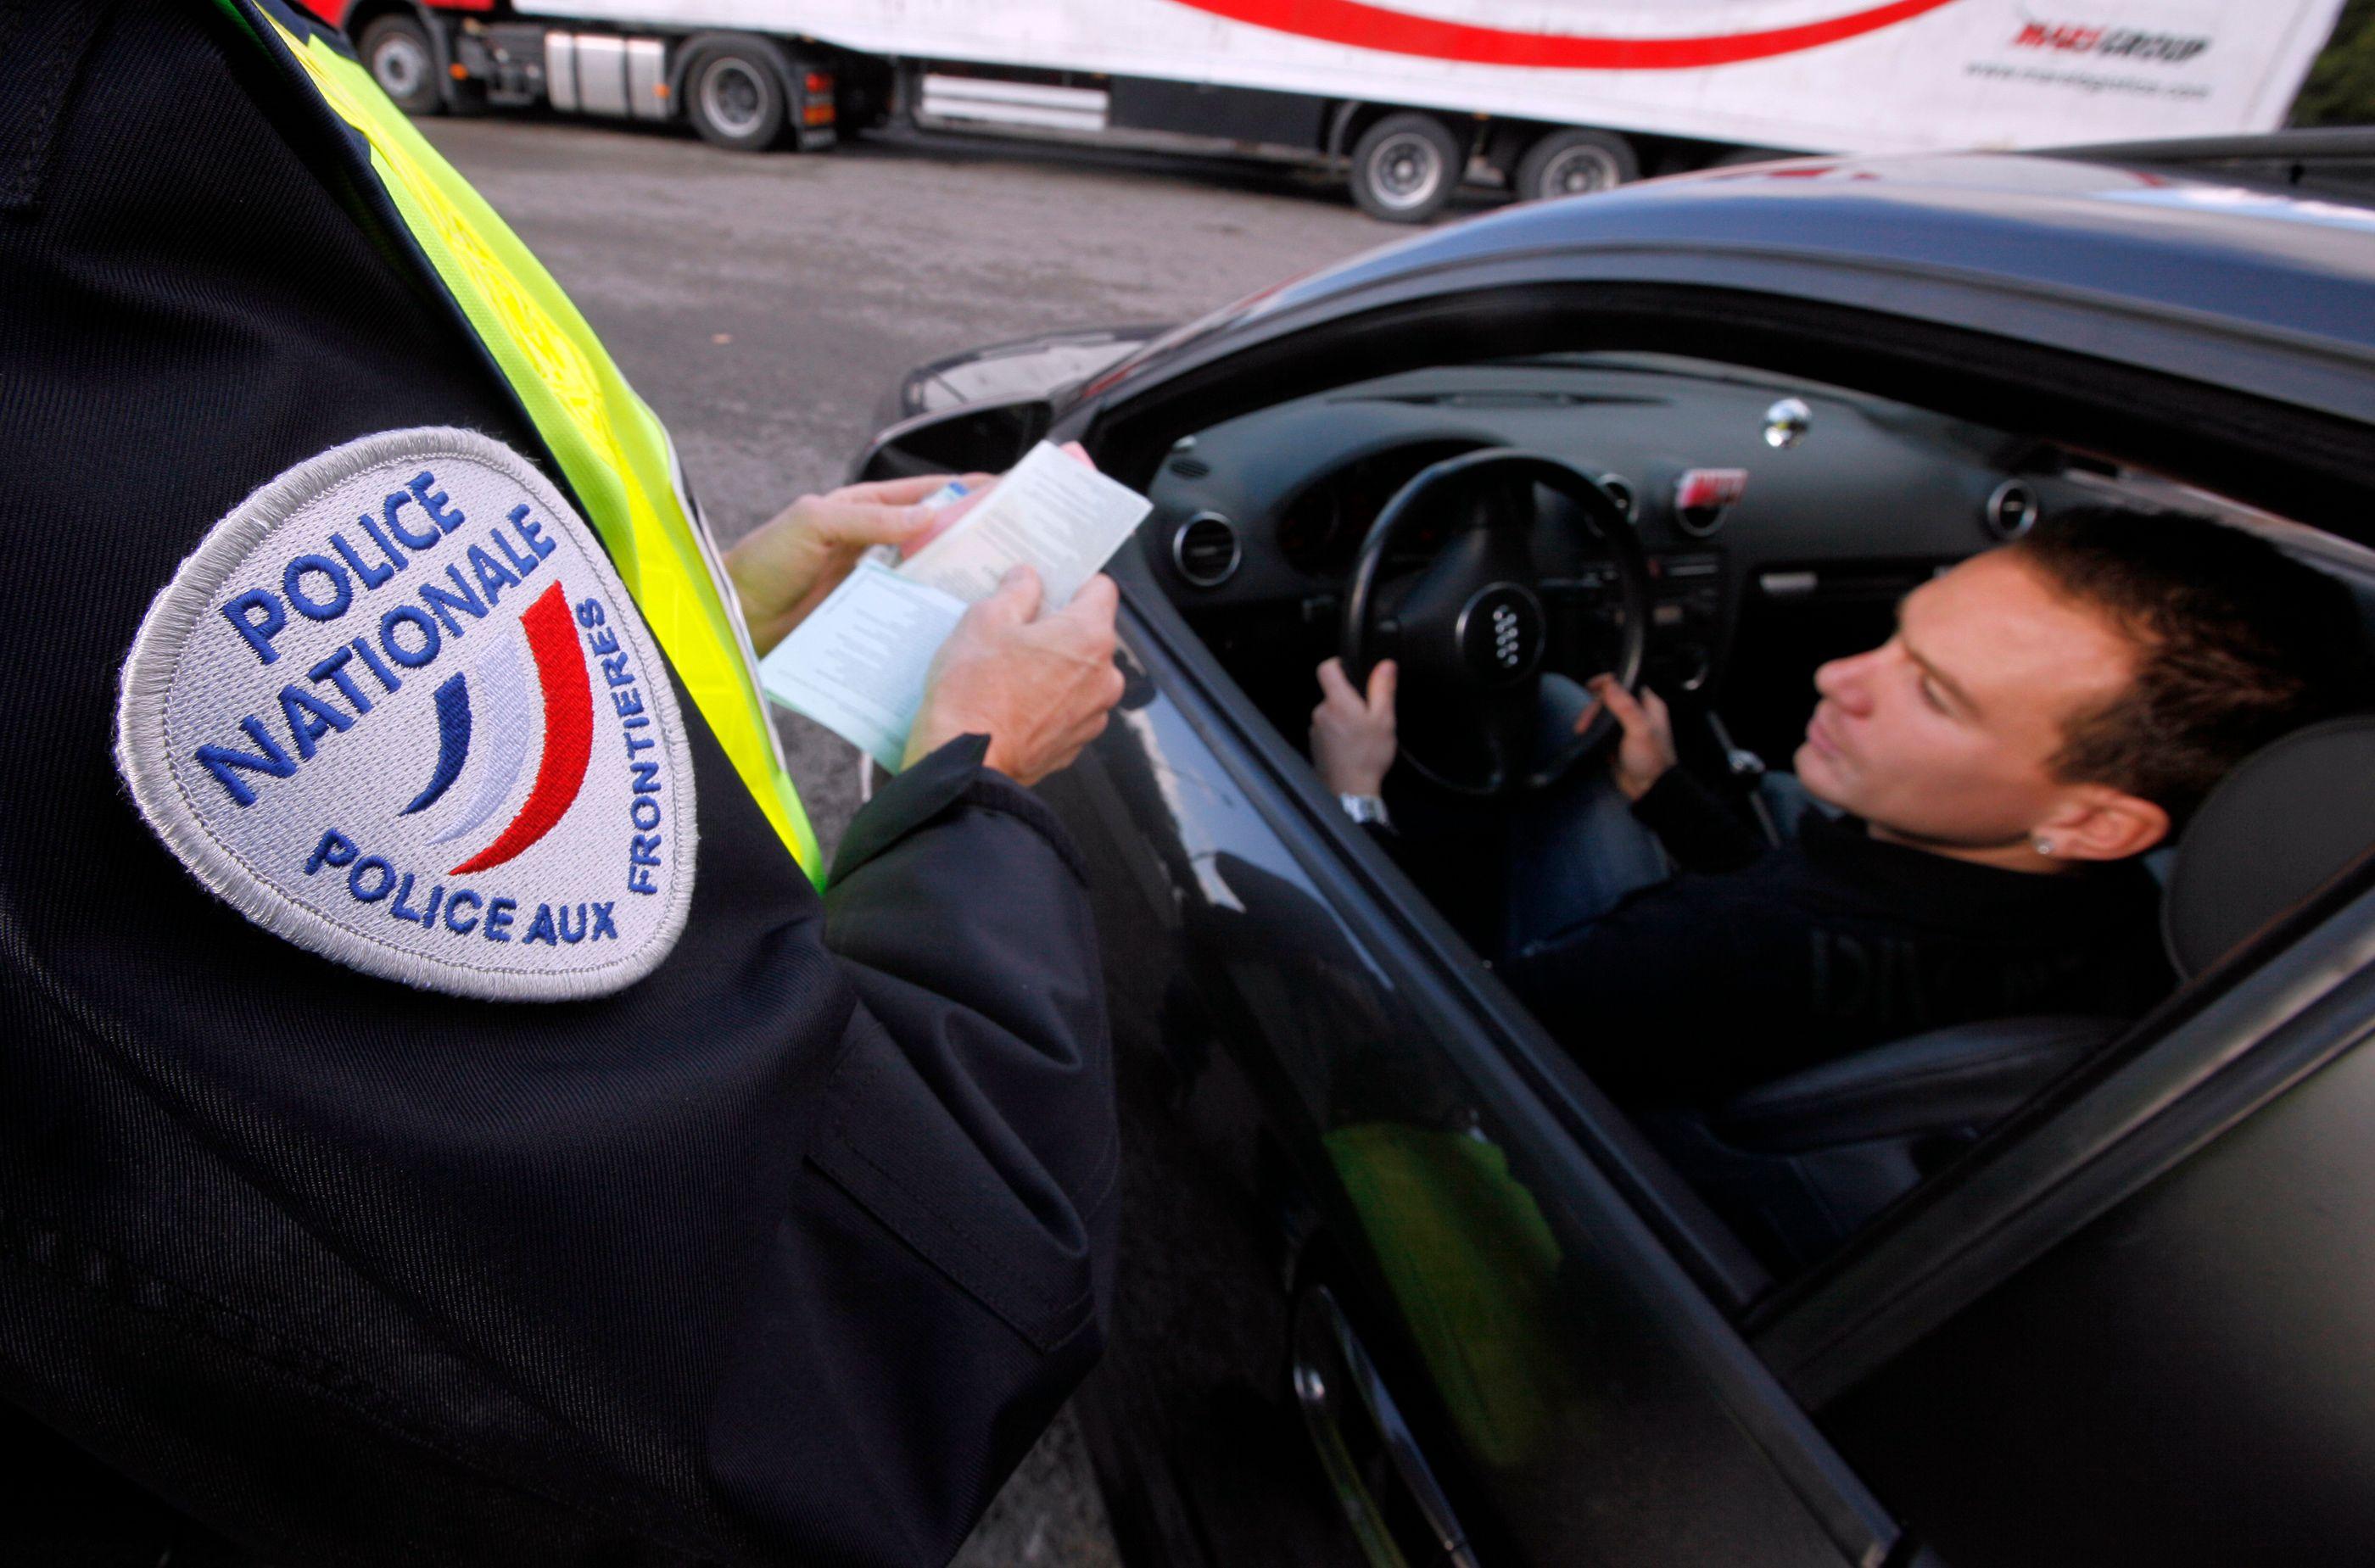 Les Français sont majoritairement favorables à une remise en cause de l'espace Schengen.